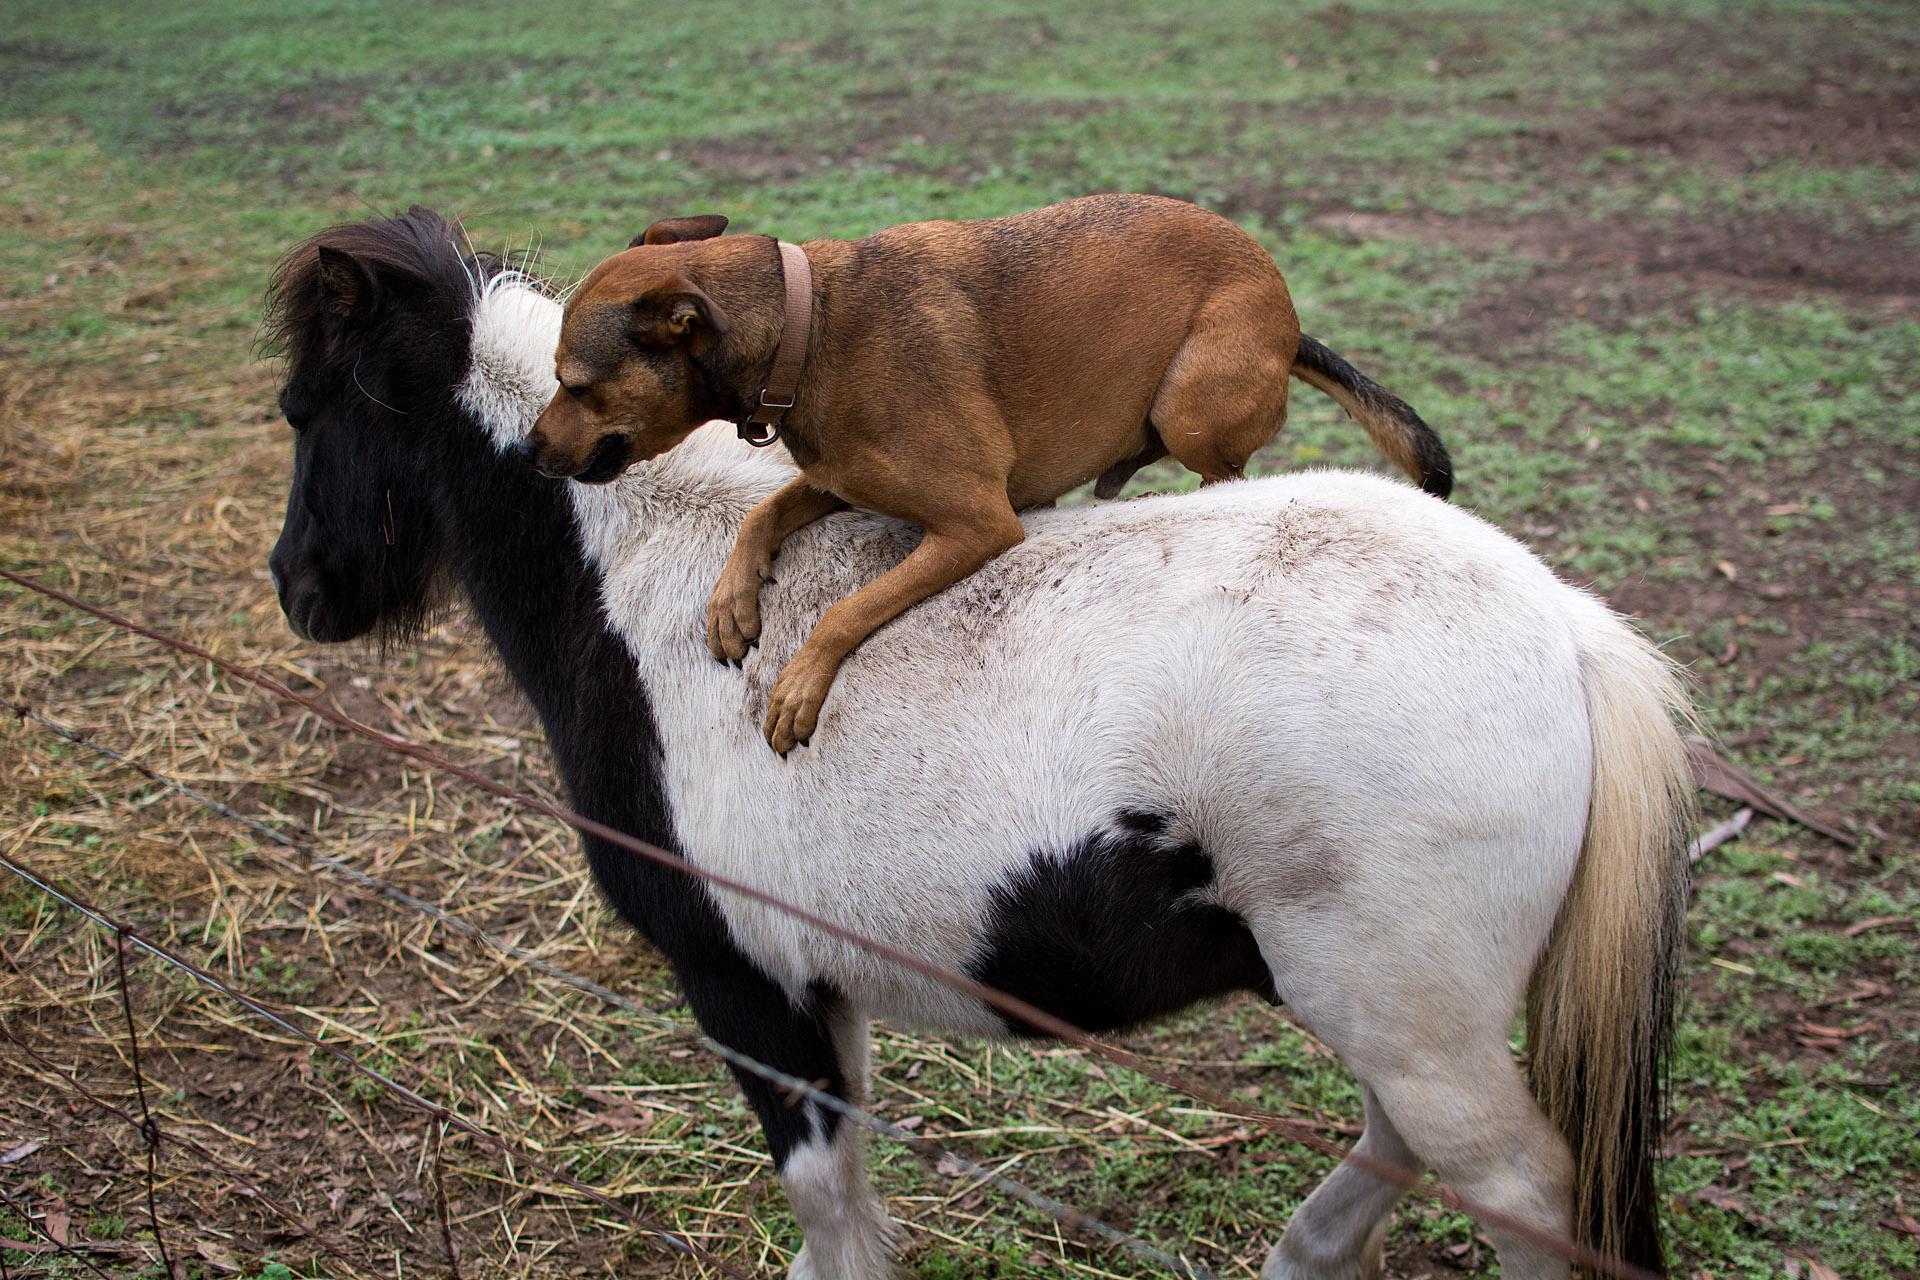 Buddy riding Weary the pony